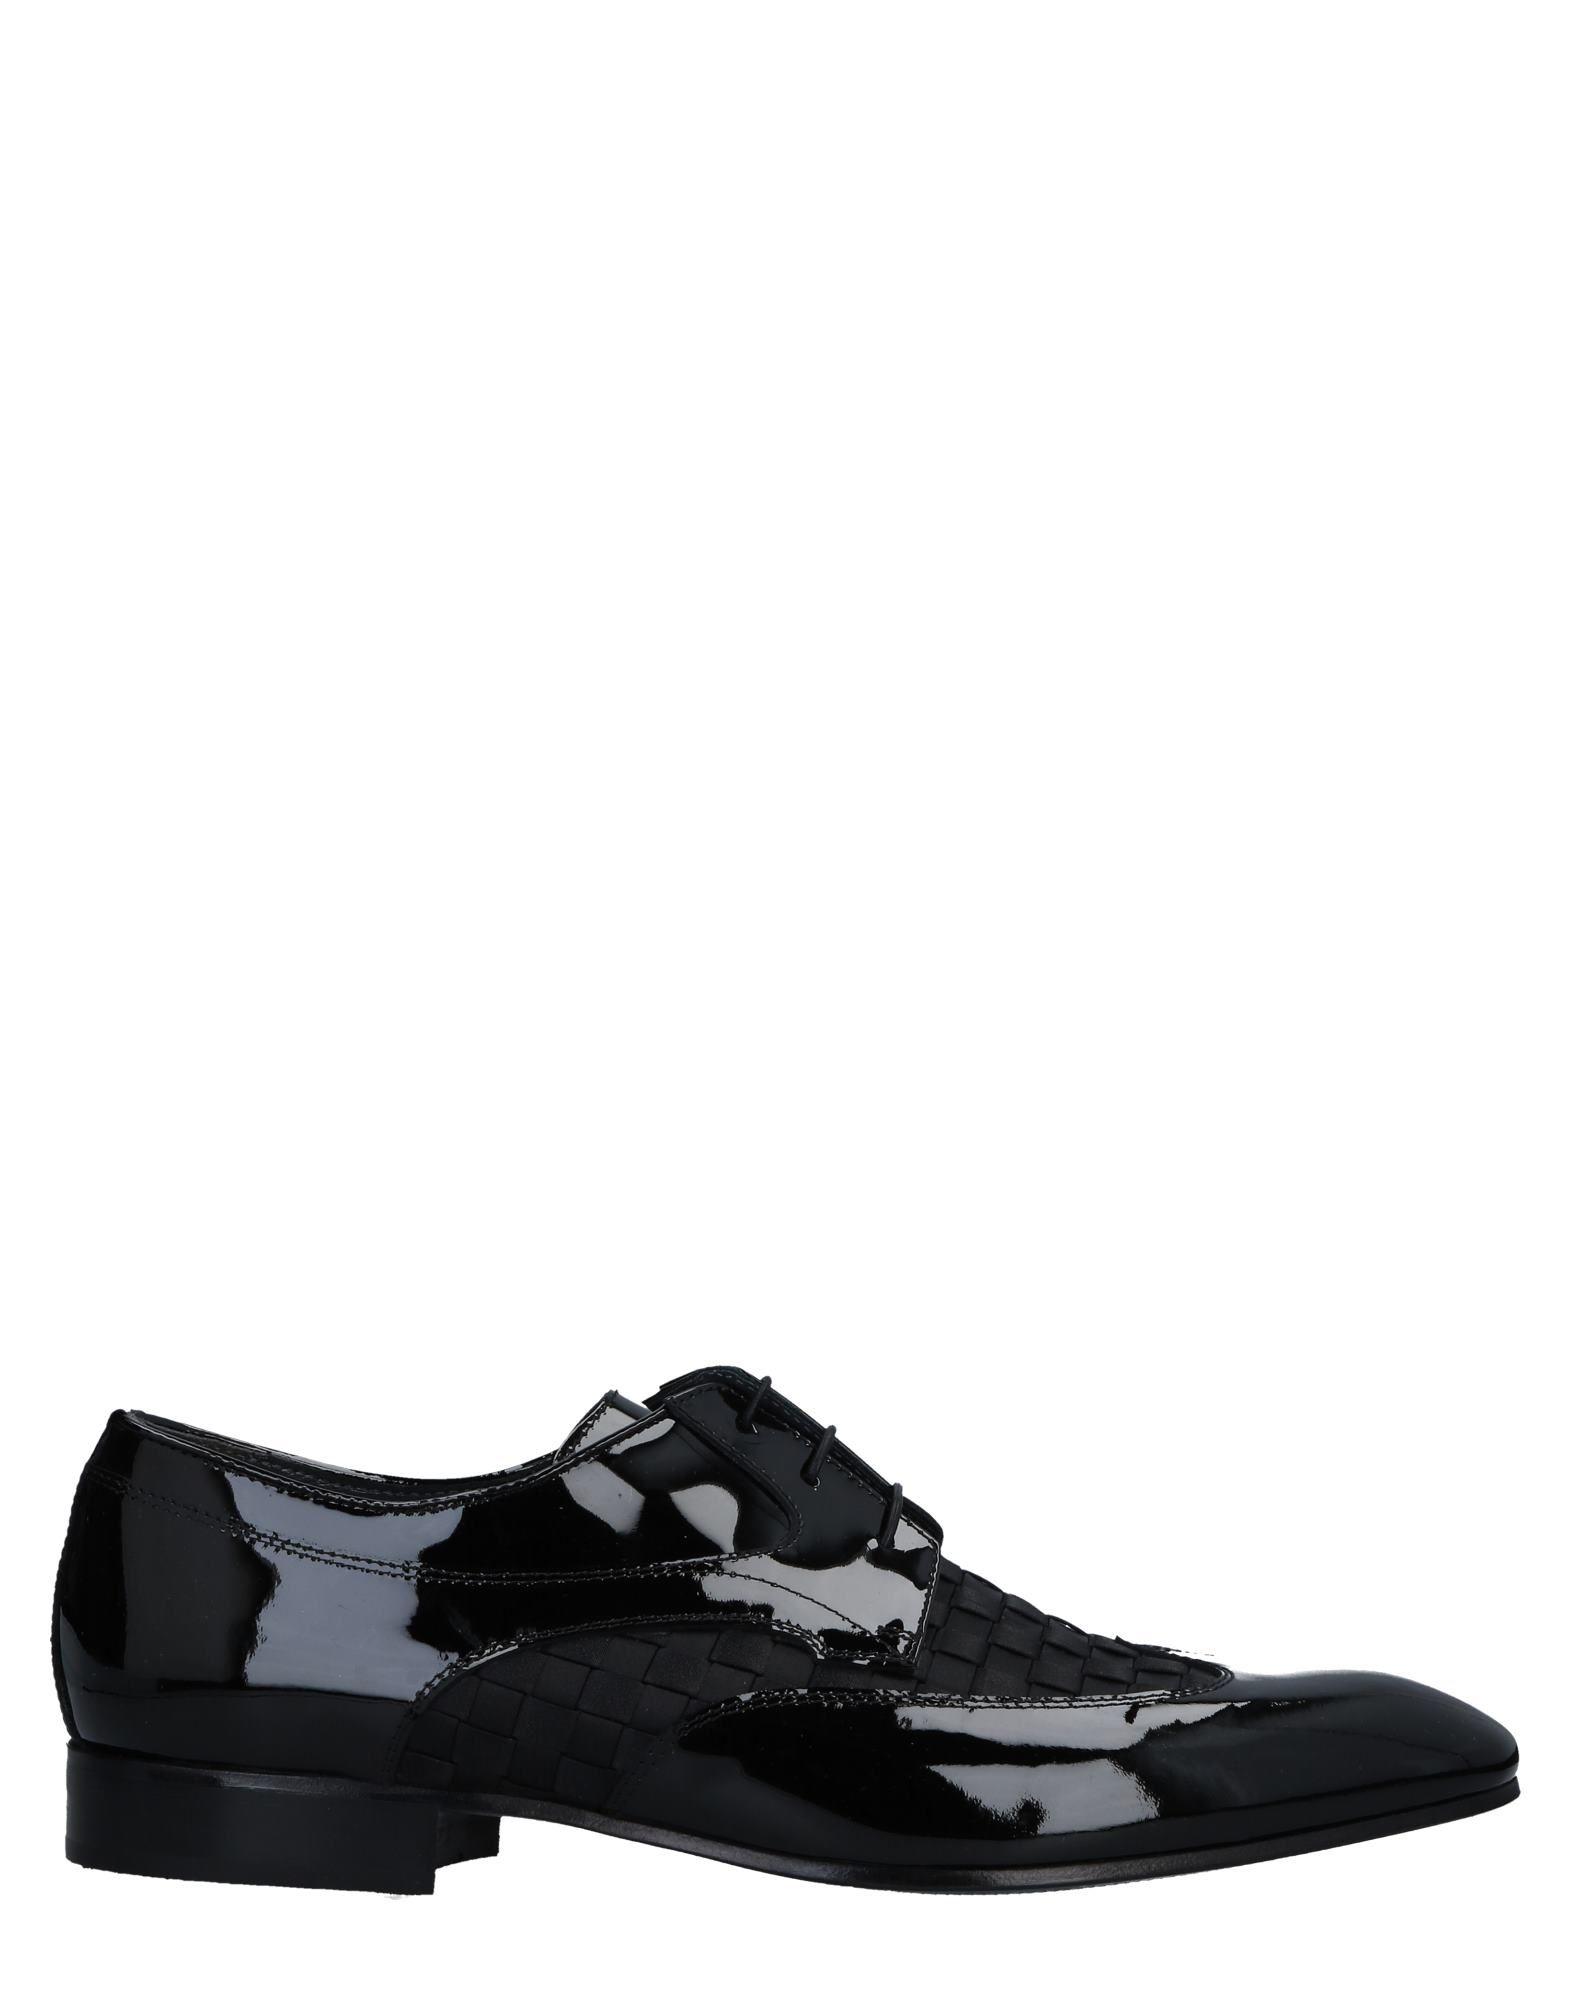 Giovanni Conti Schnürschuhe Herren  11519593RQ Gute Qualität beliebte Schuhe